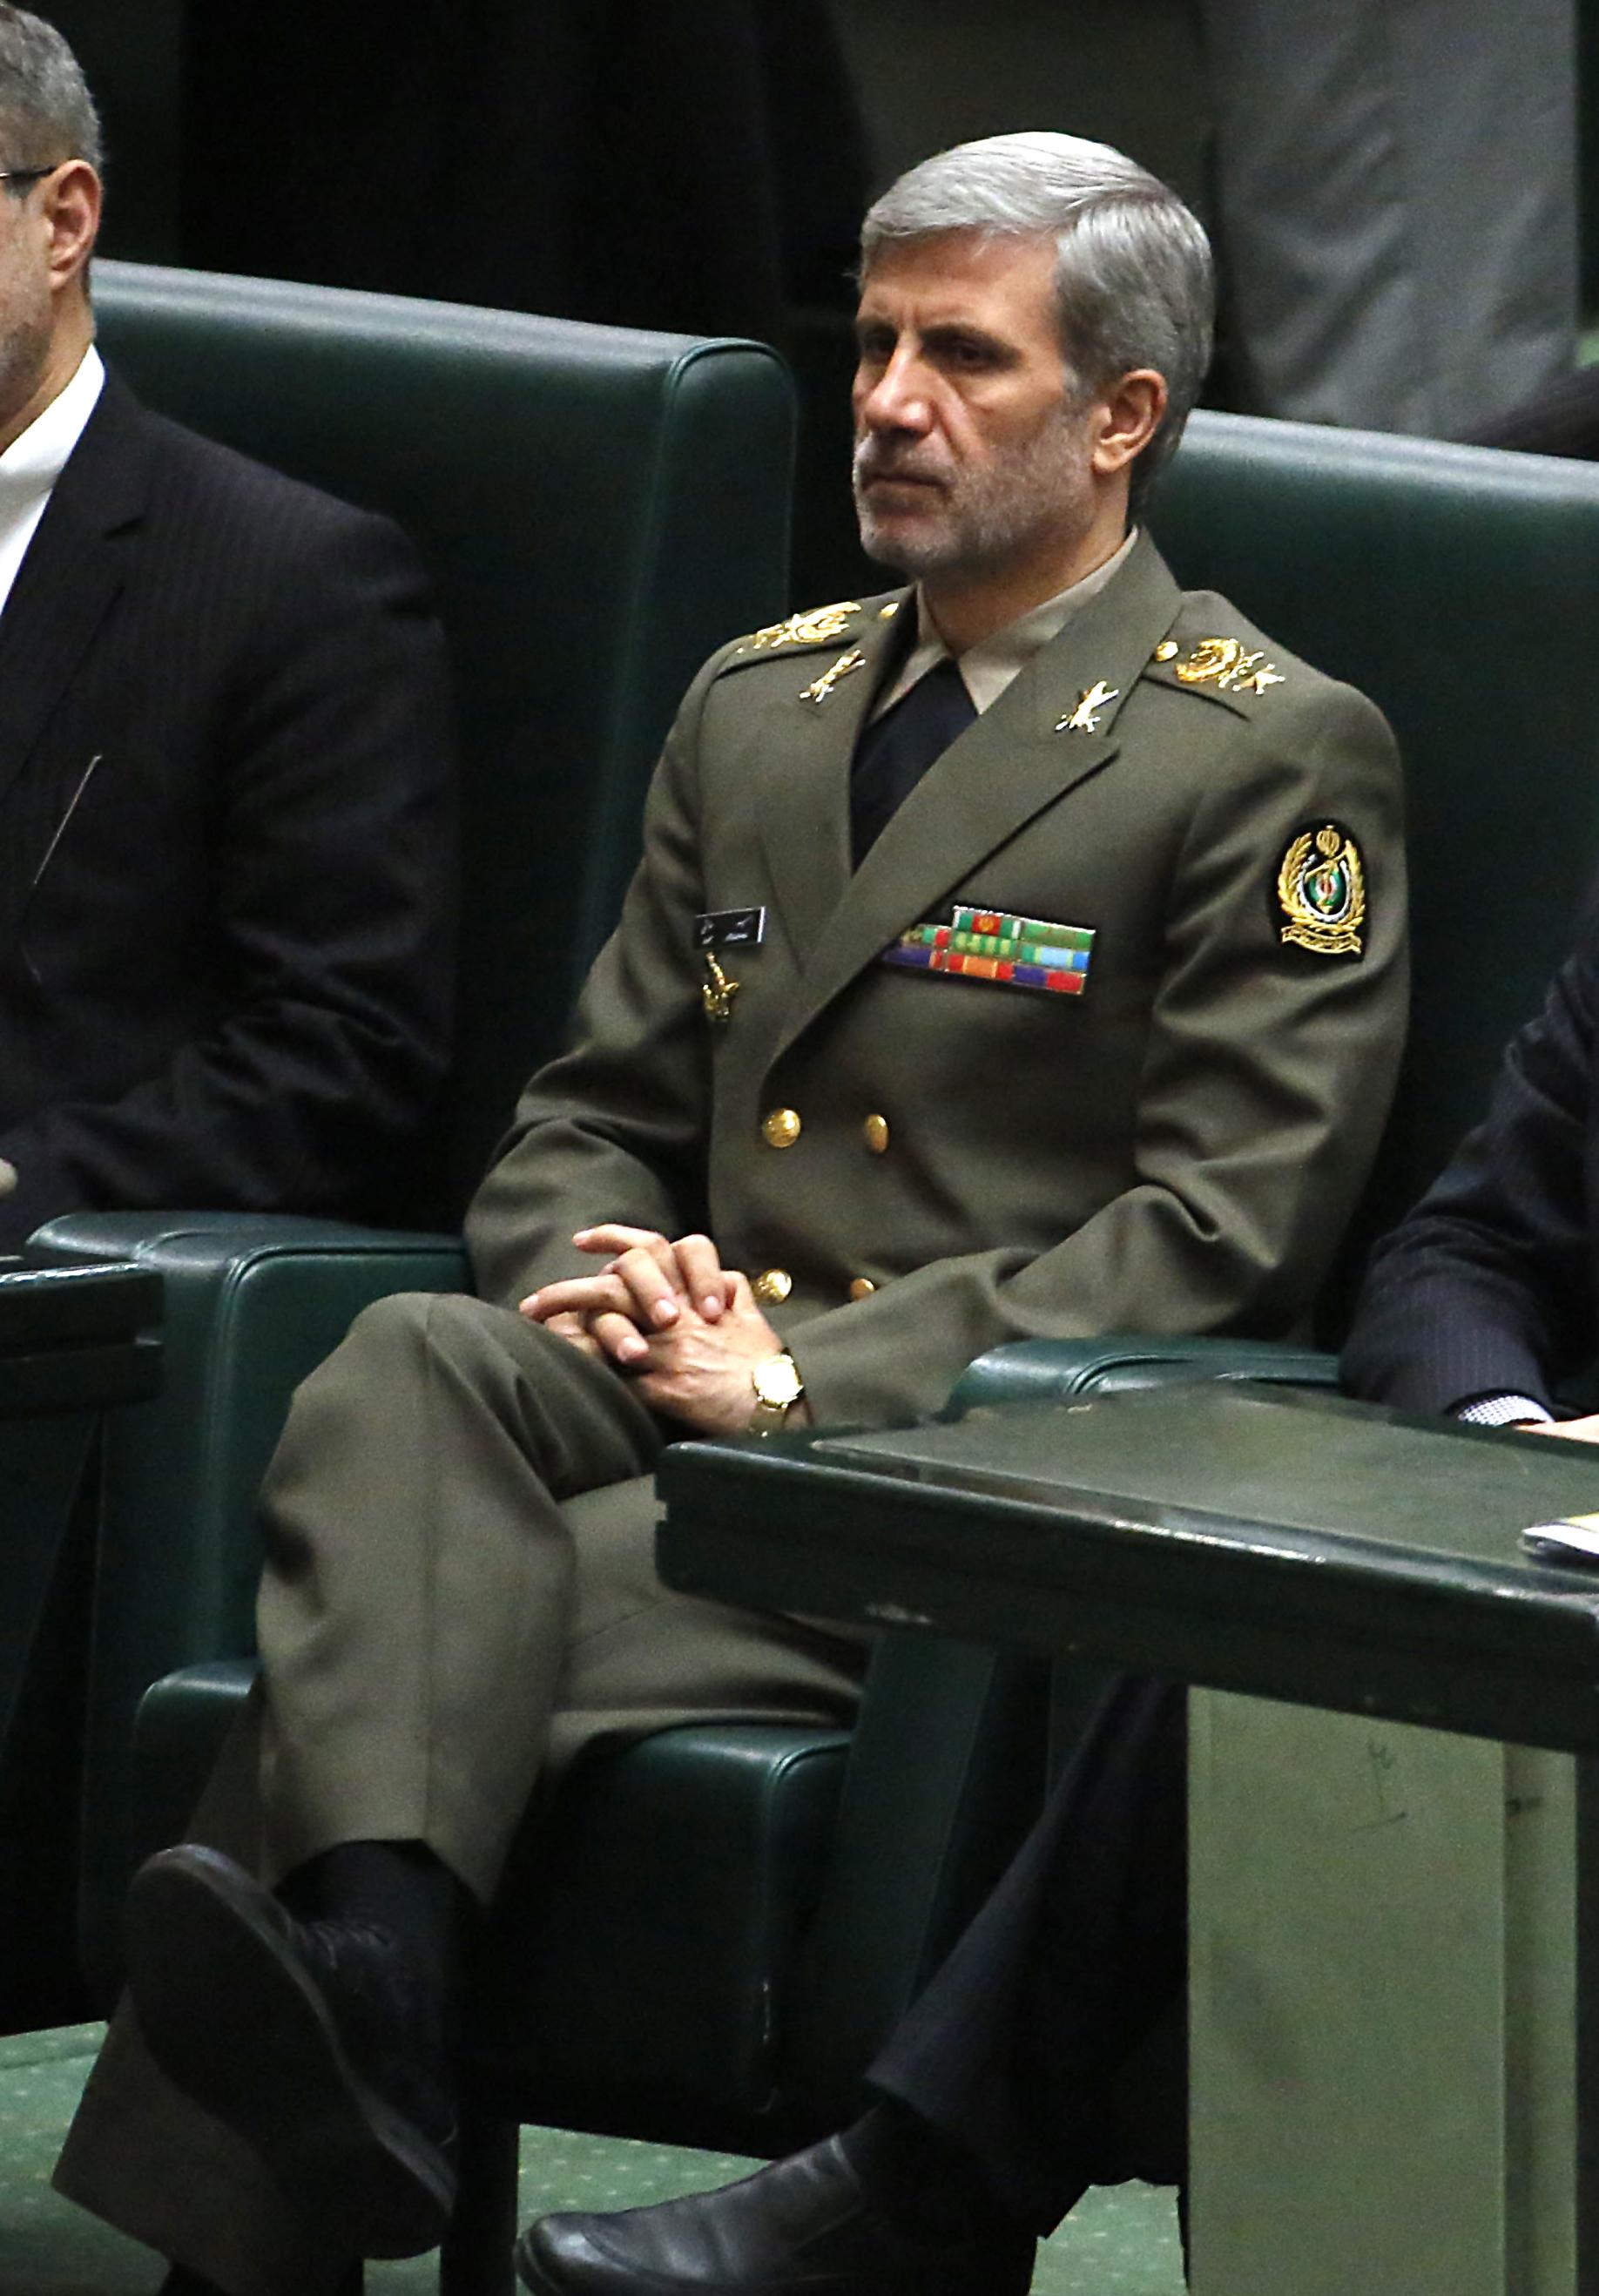 El anuncio sobre los avances en el Bavar 373 fue hecho por Ami Hatami, nuevo ministro de Defensa iraní y el primero que no pertenece a la Guardia Revolucionaria en 24 años (AFP)